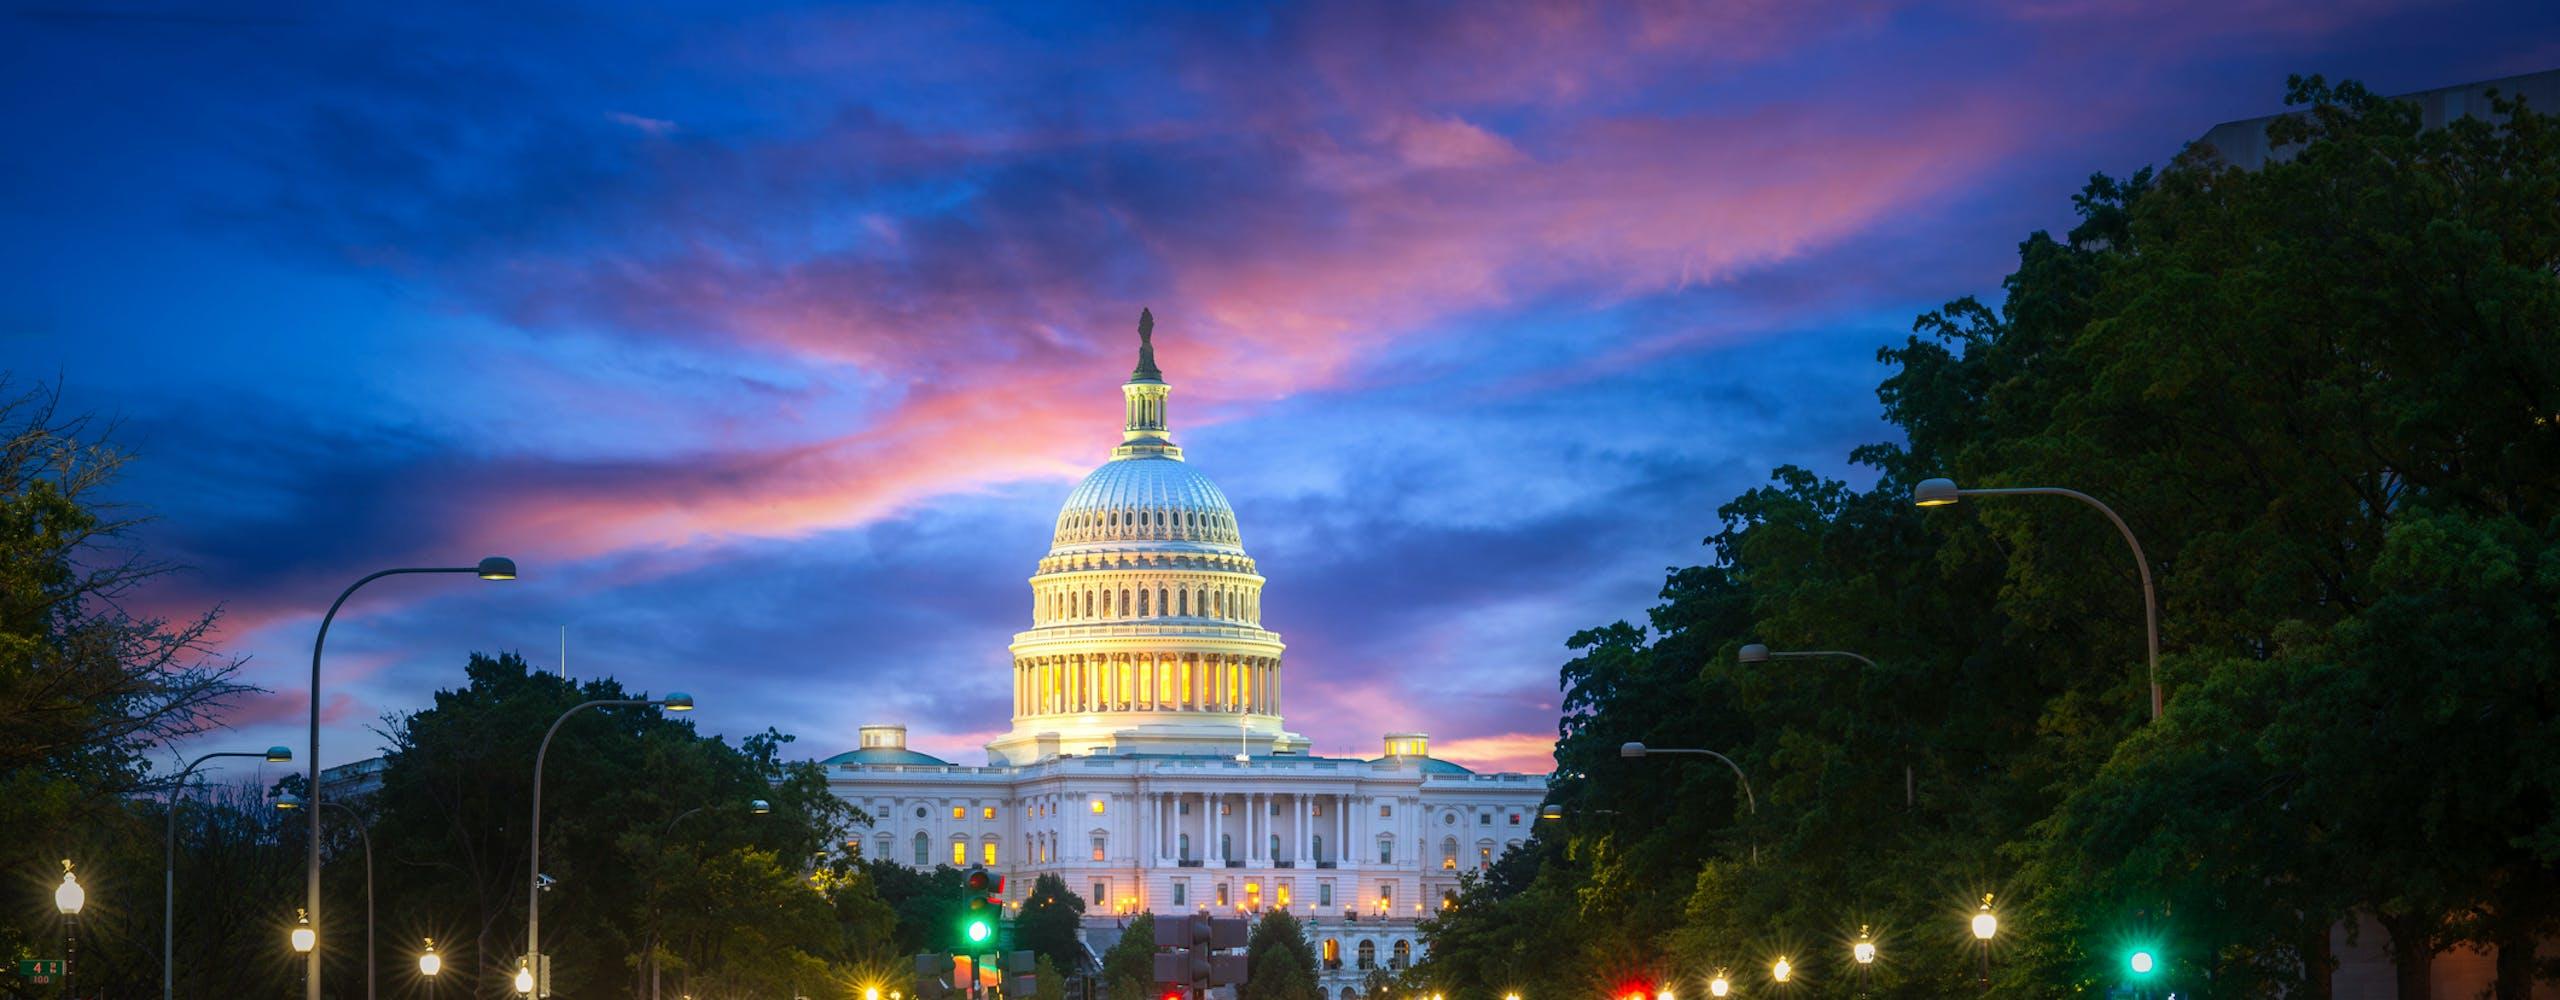 Photo of Washington D.C.